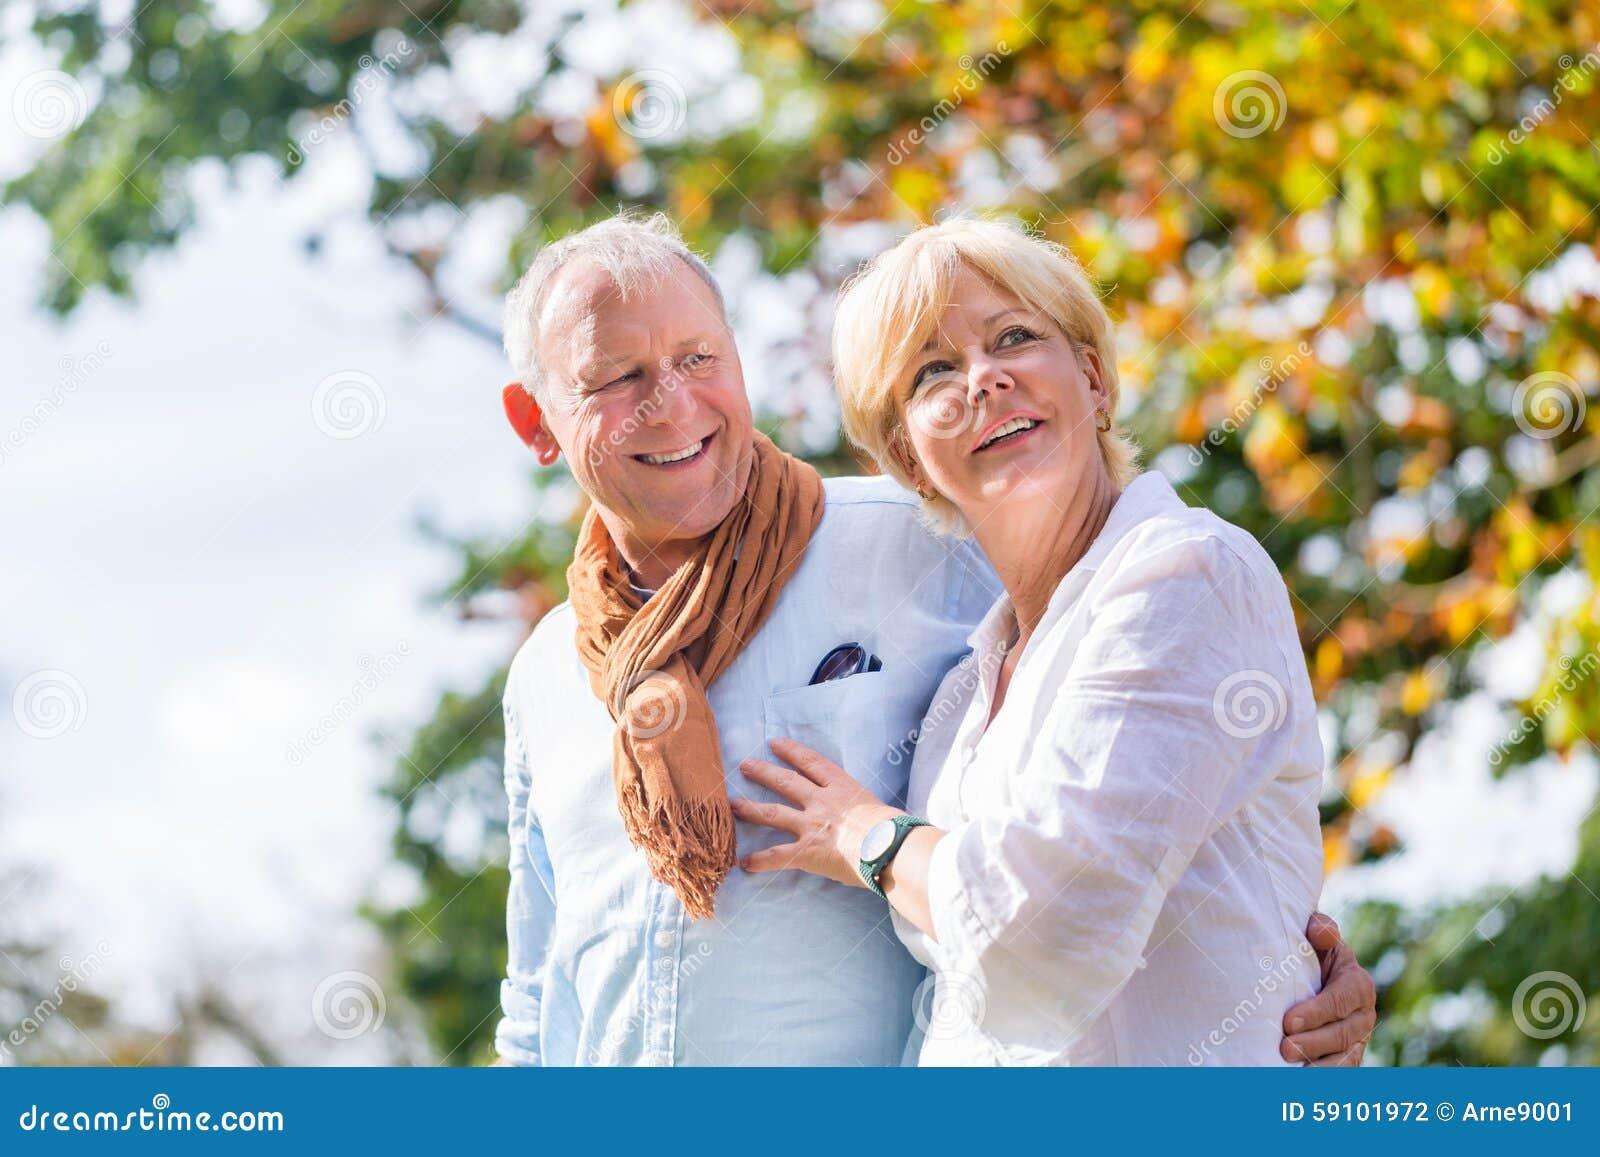 拥抱的老人和妇女在爱